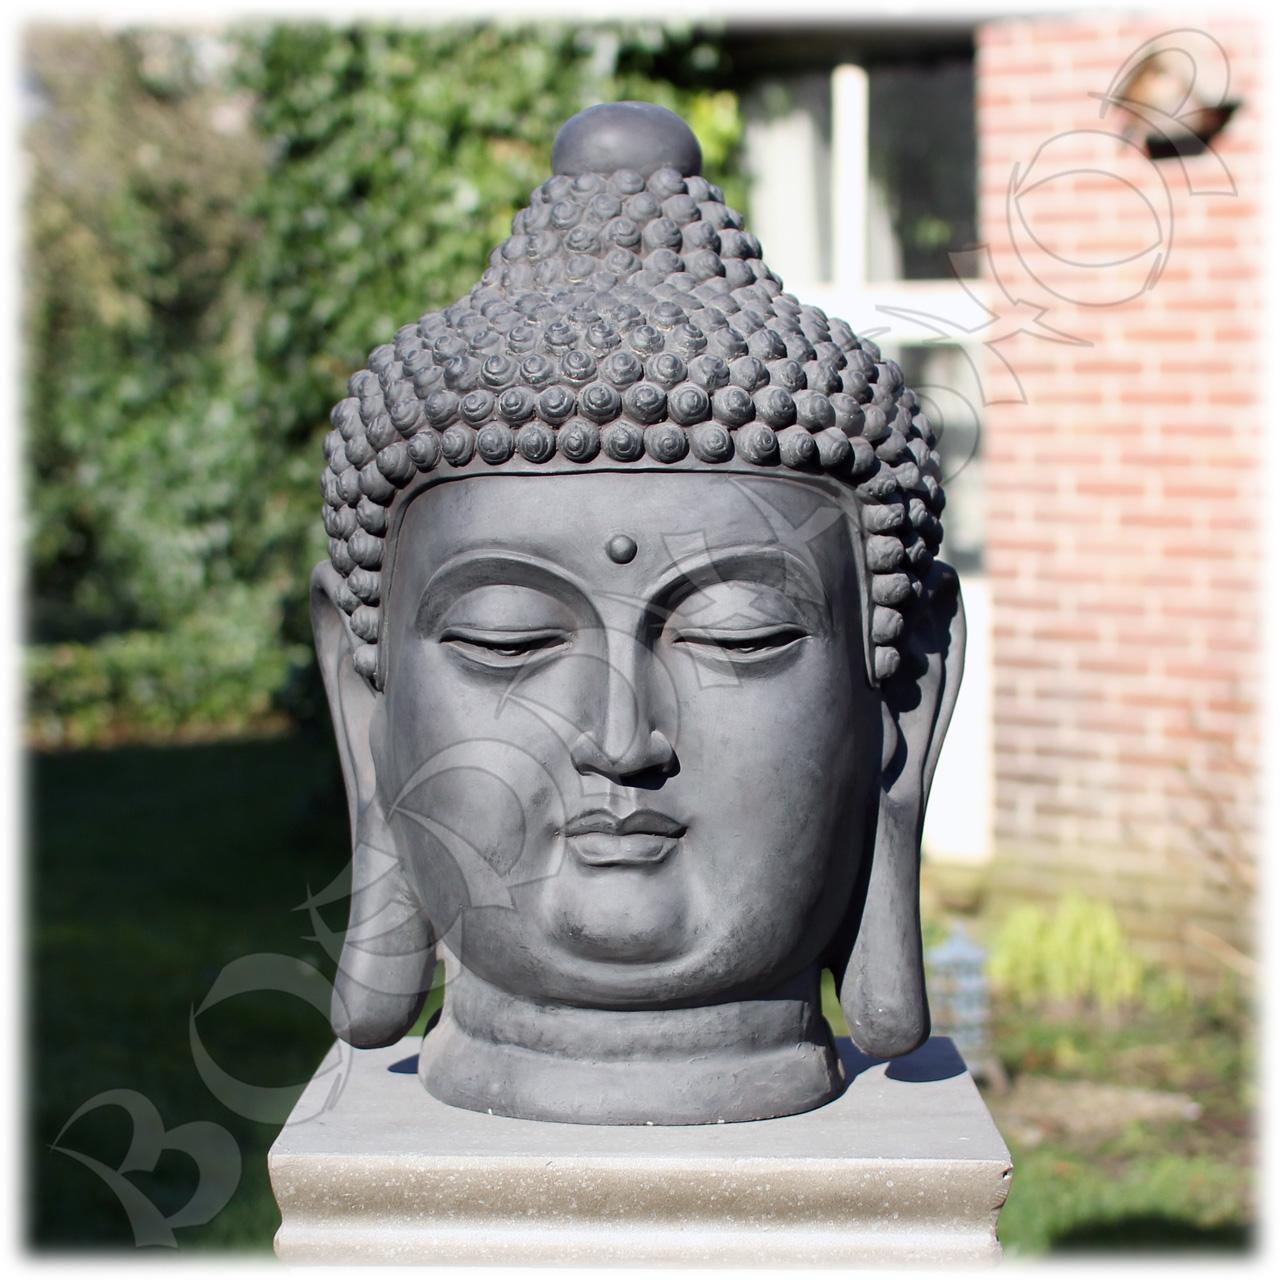 Tuinbeeld Boeddha hoofd clayfibre groot donker